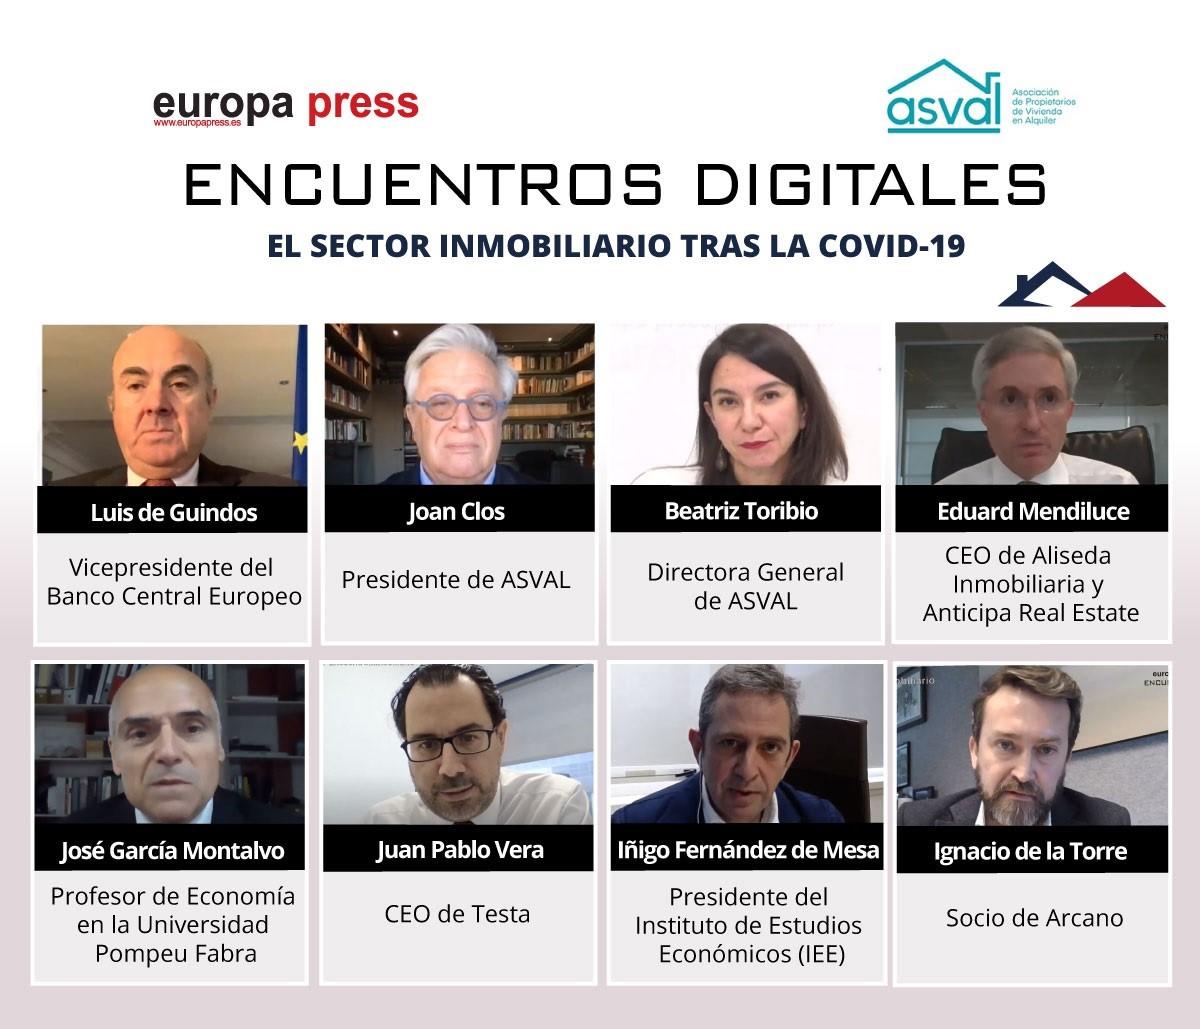 Encuentros digitales Europa Press. El sector inmobiliario tras la Covid-19